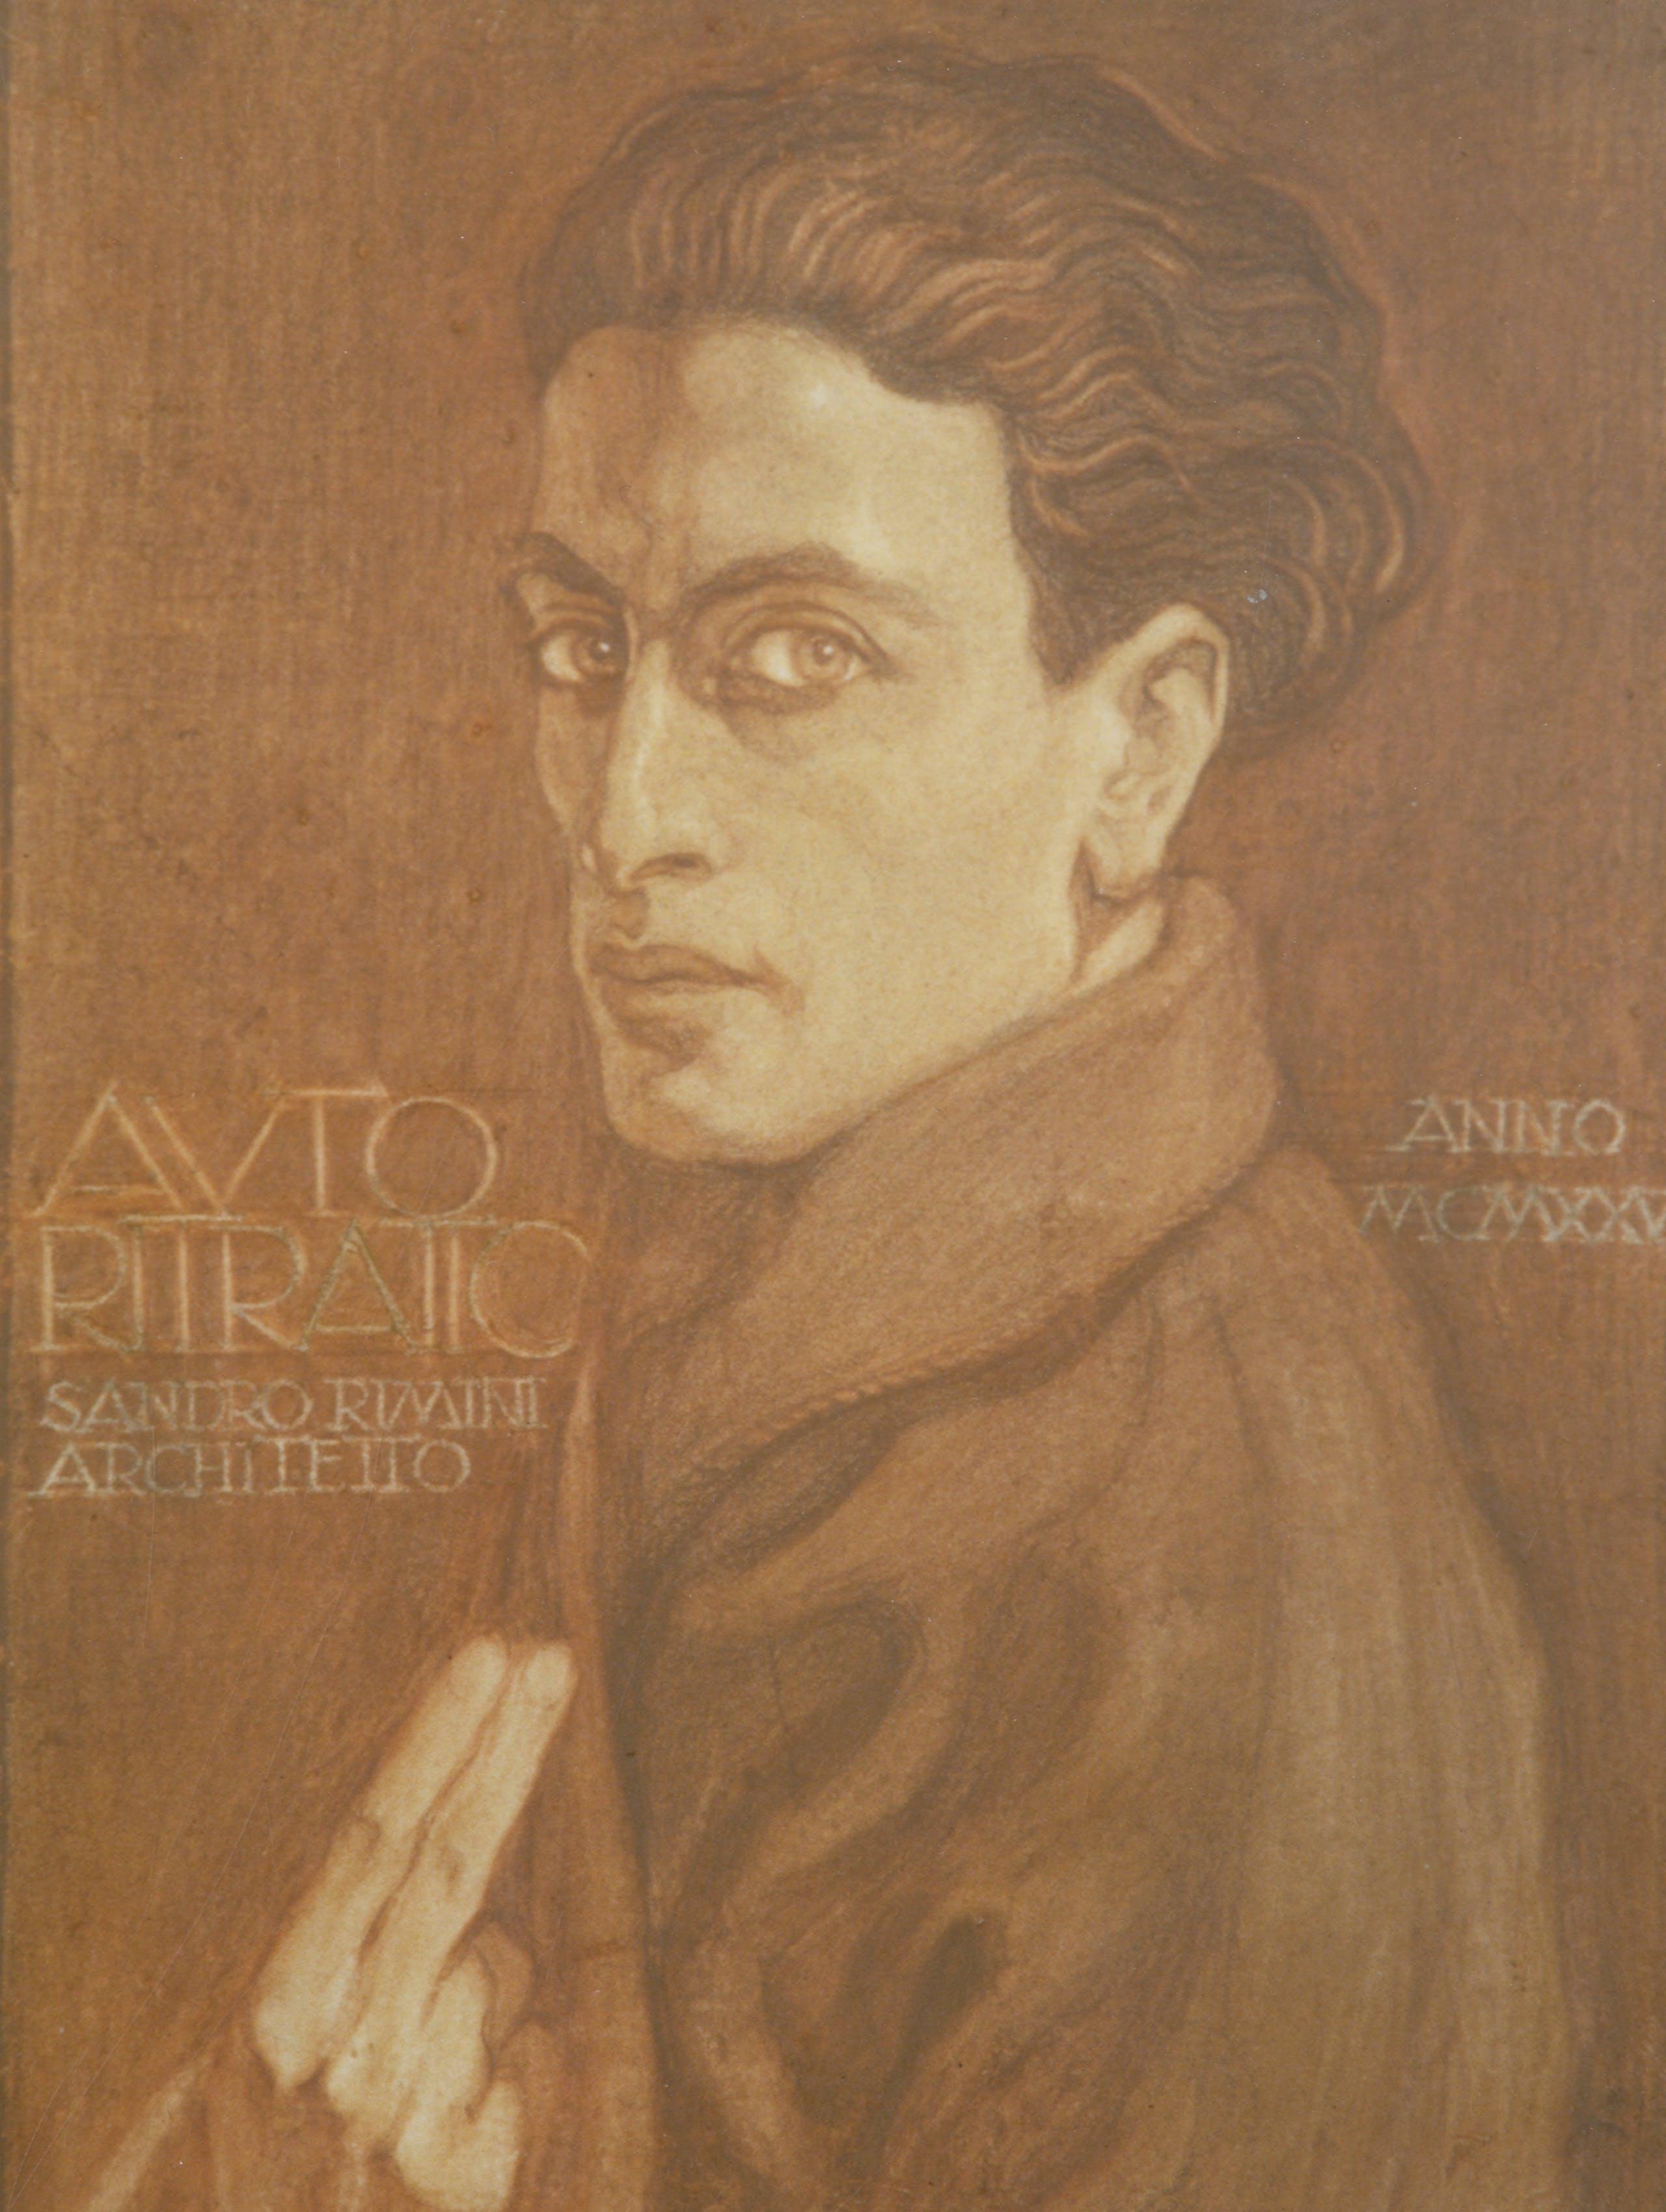 Alessandro Rimini, Autoritratto, 1925